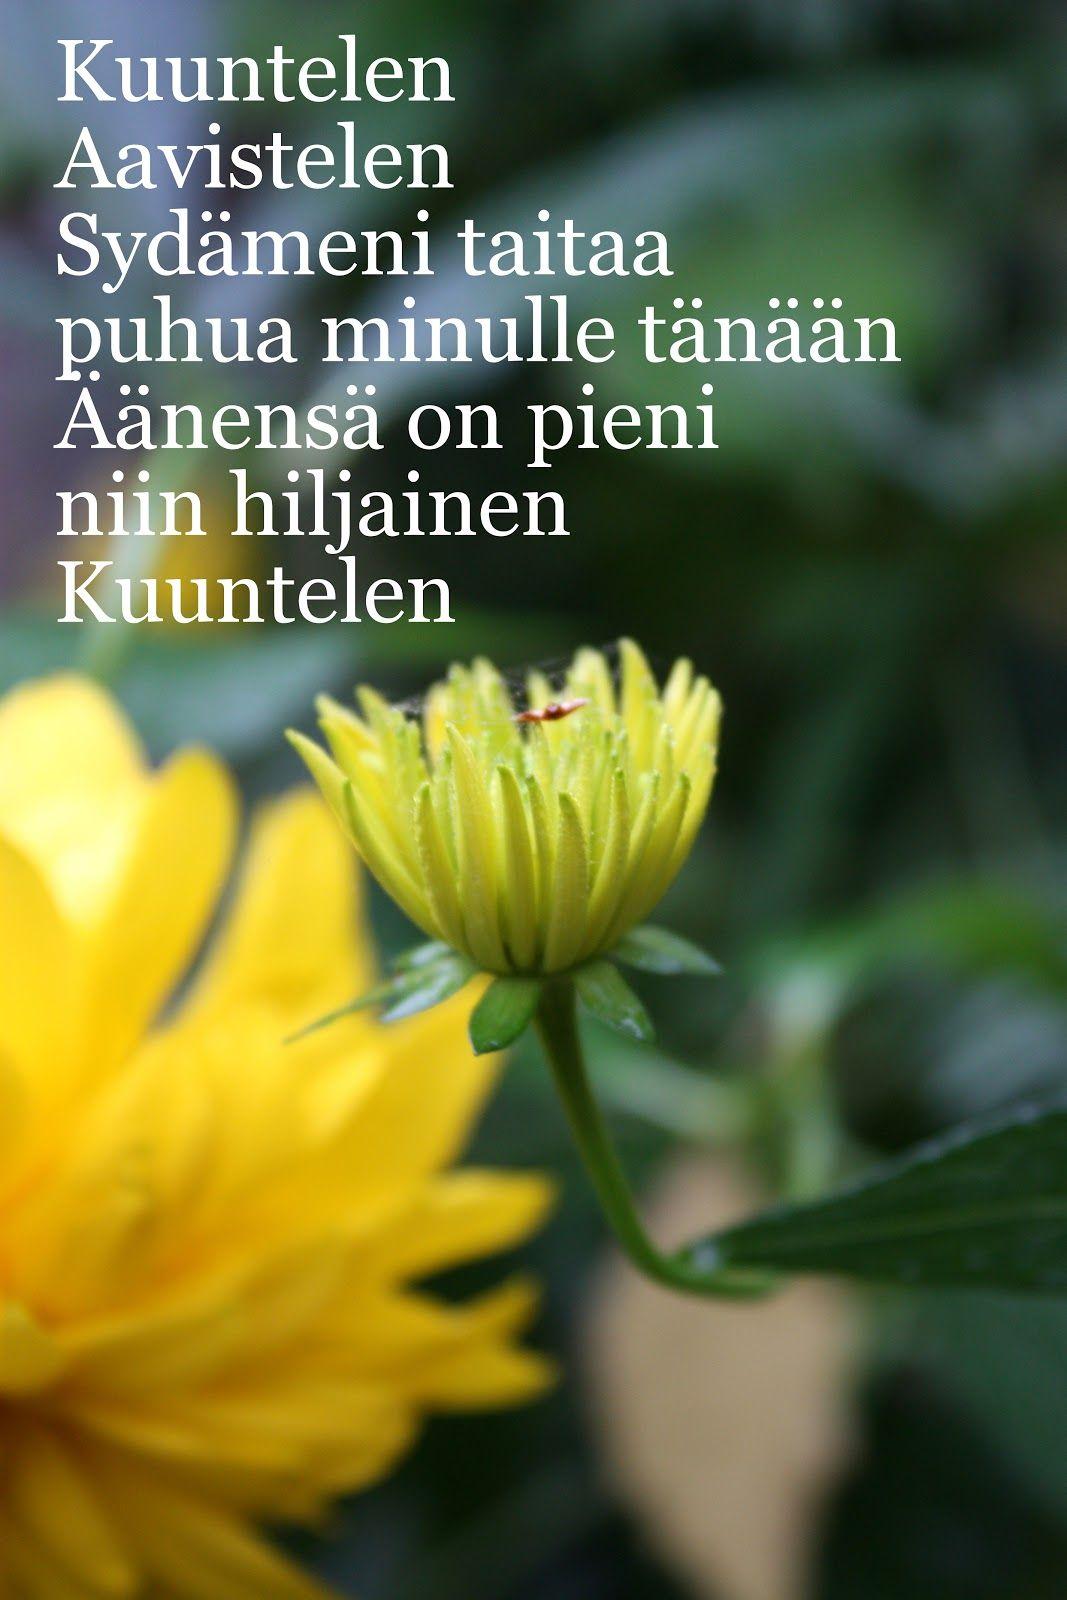 RunoTalo: Voimakortit viikolle 38: Rauhaa ja hiljaisuutta